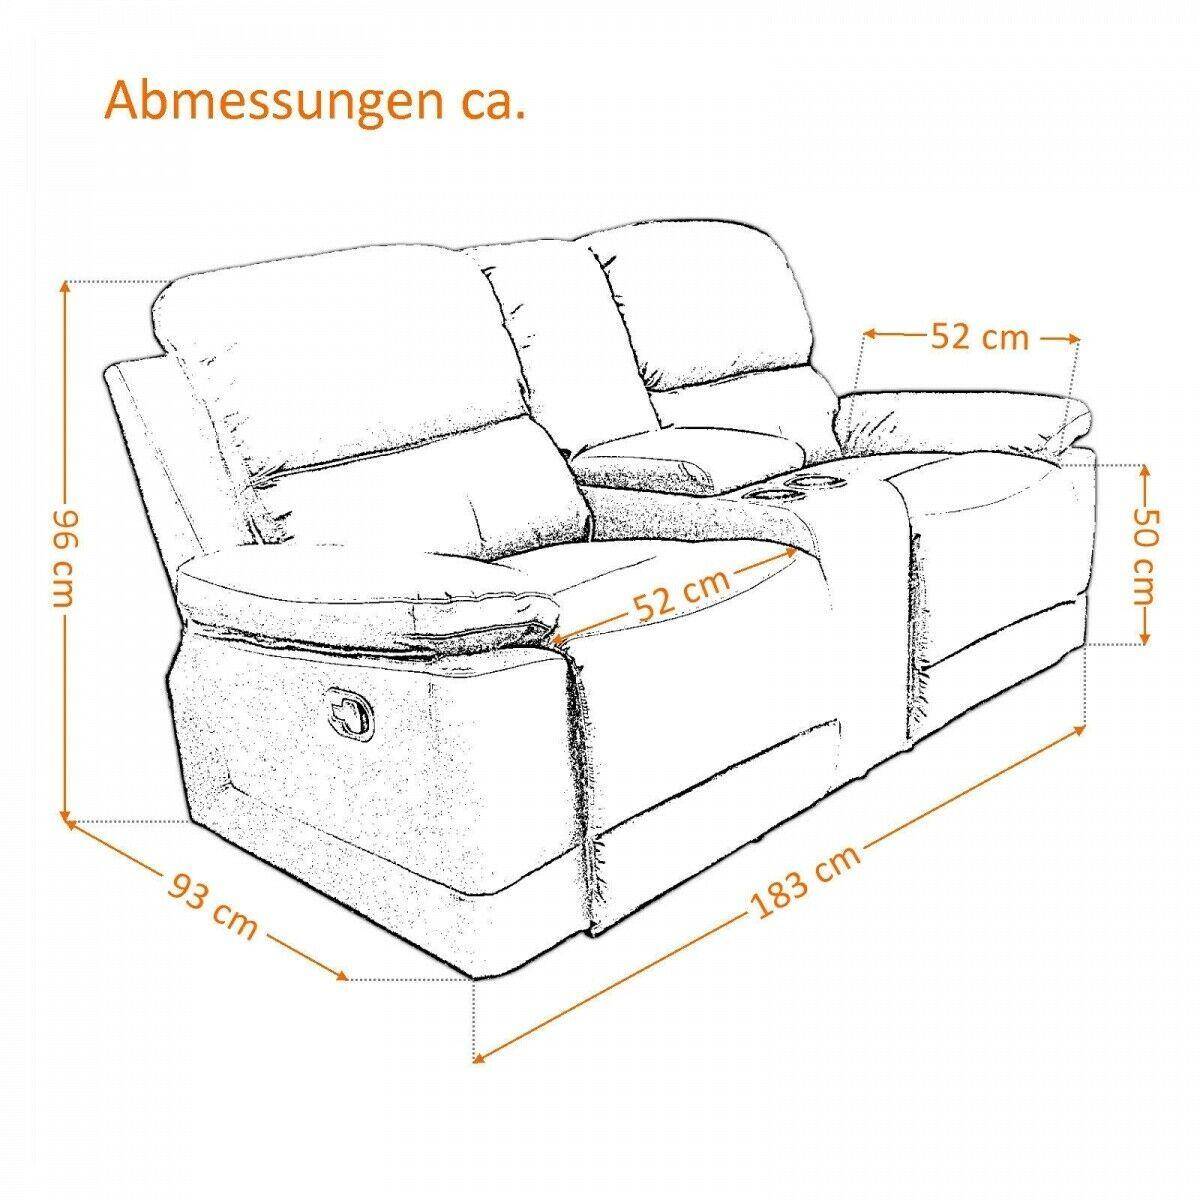 Full Size of Kinosessel 2er Microfaser Sofa Grau Wohnzimmer Kinosessel 2er Microfaser